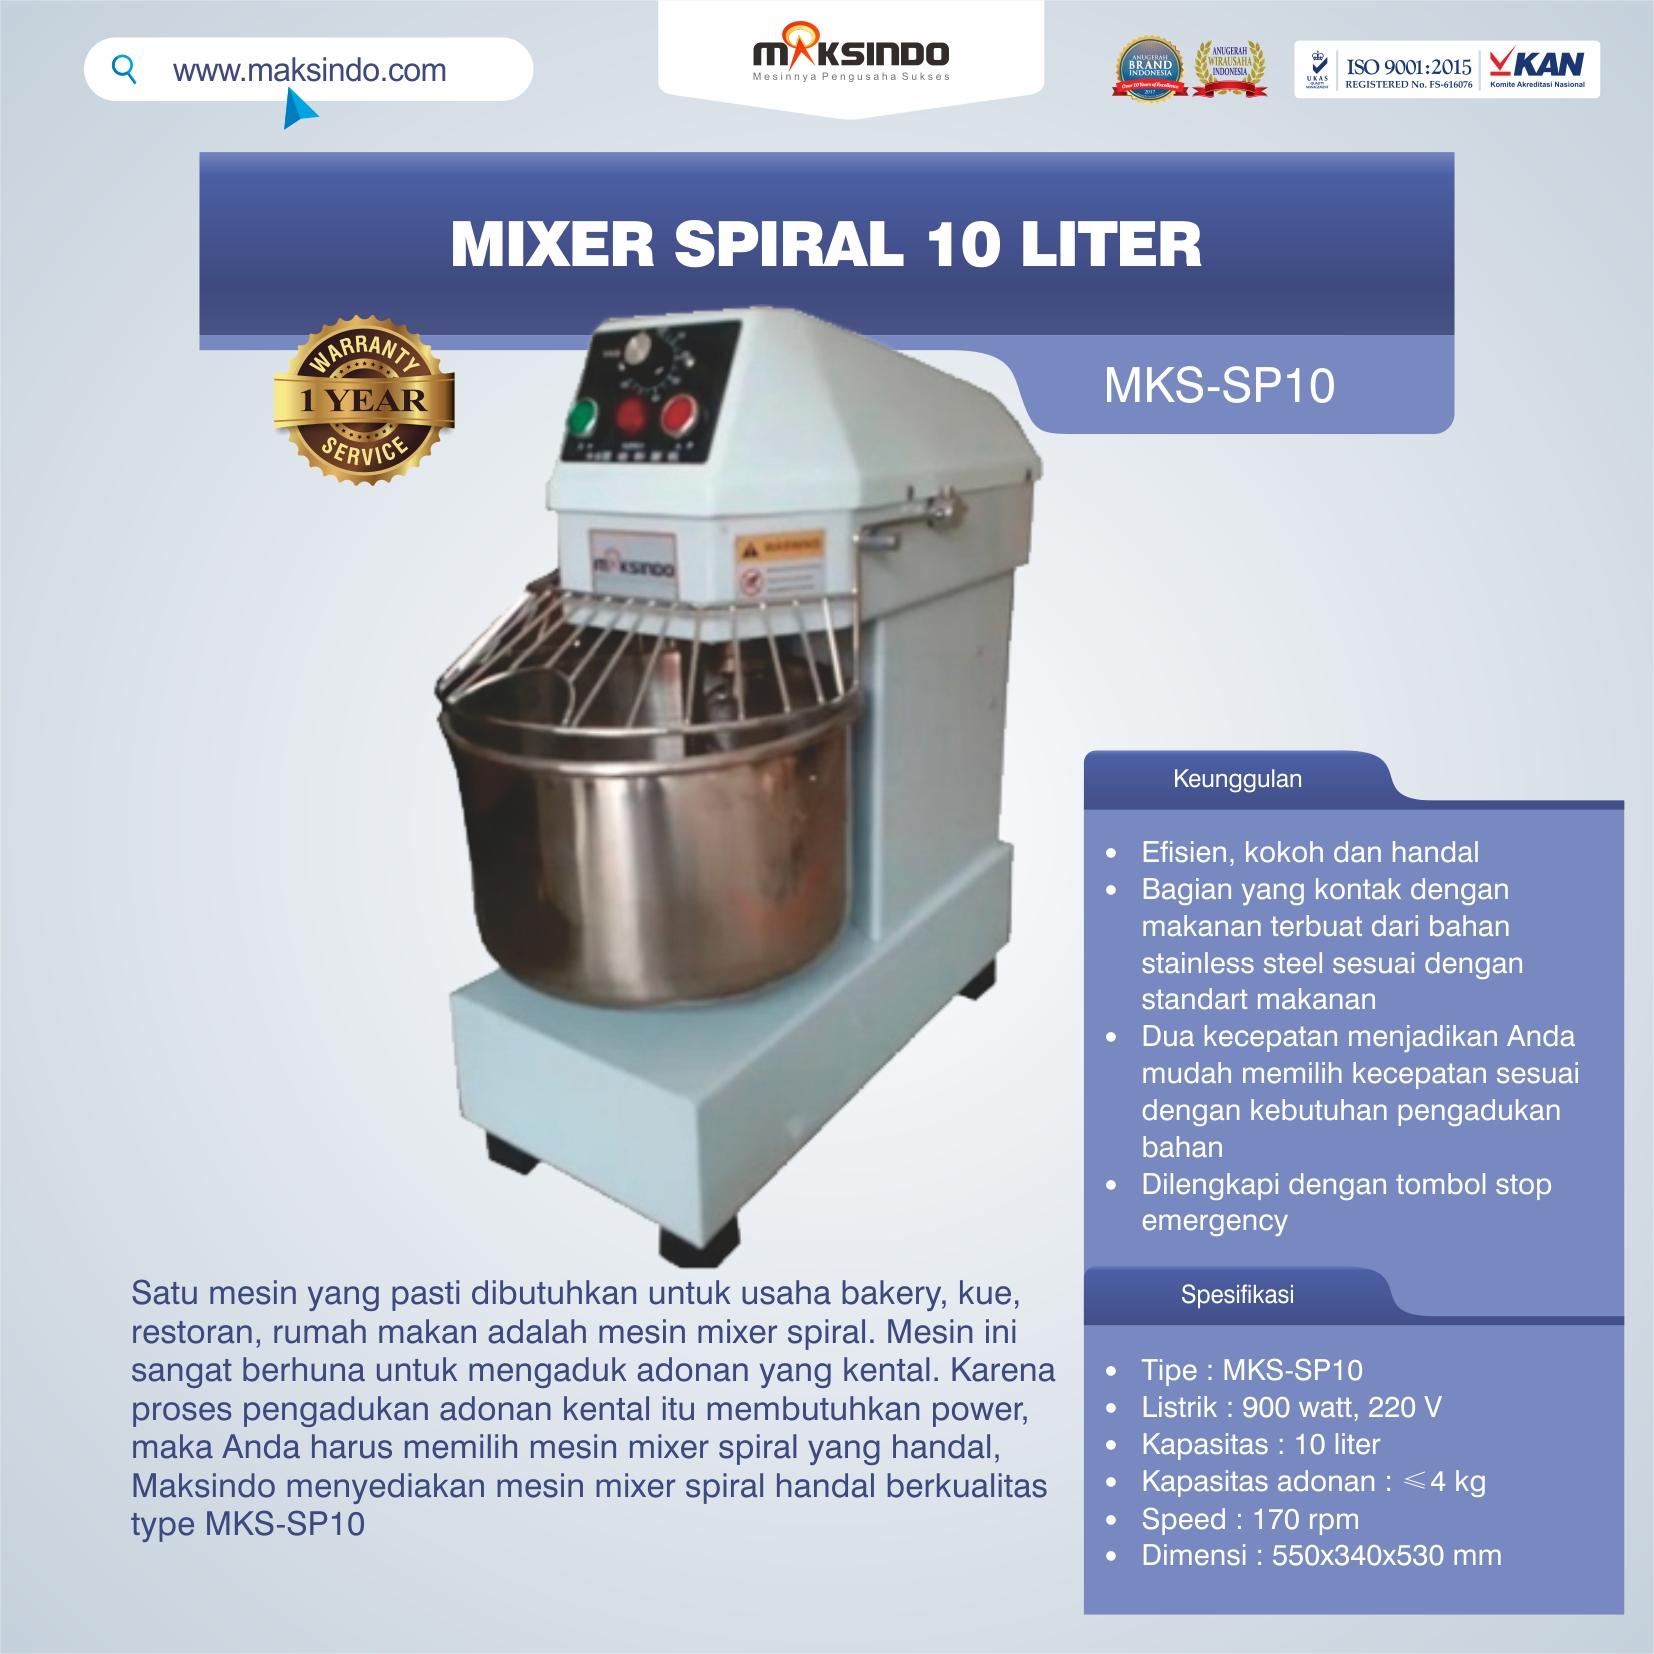 Jual Mixer Spiral 10 Liter (MKS-SP10) di Medan